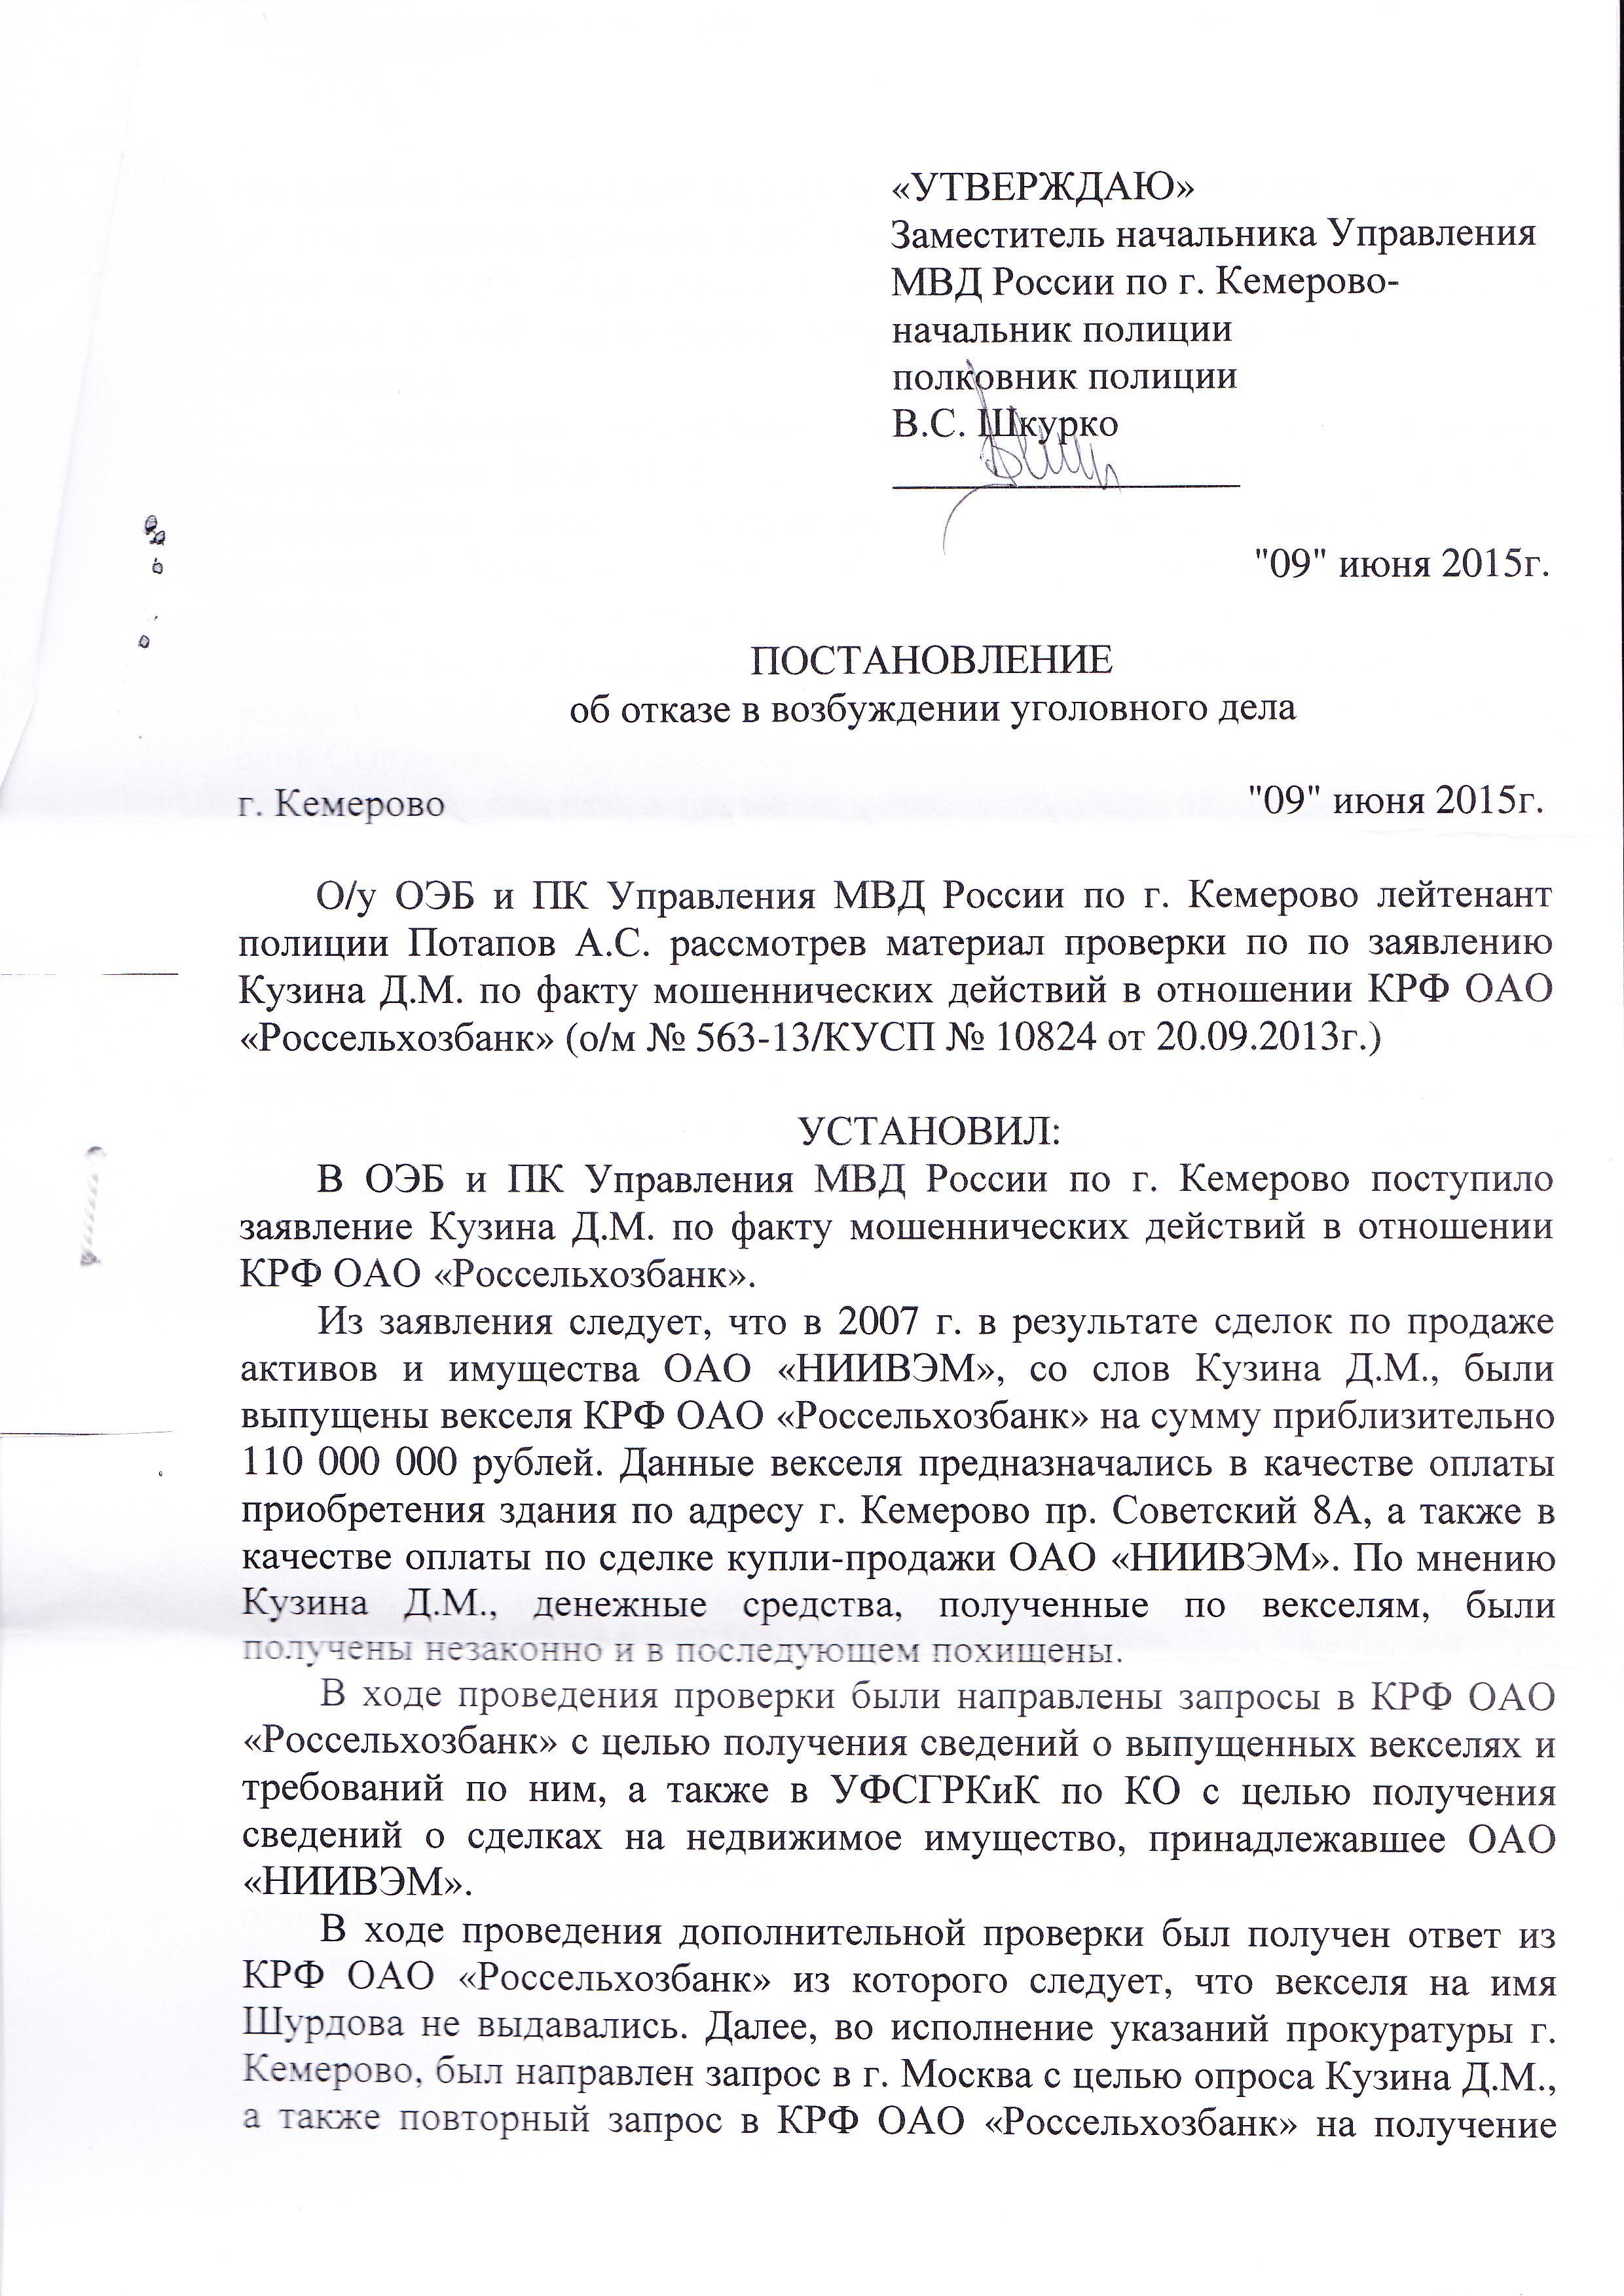 Постановление УВД Кемерова от 09 06 2015 - 1 с